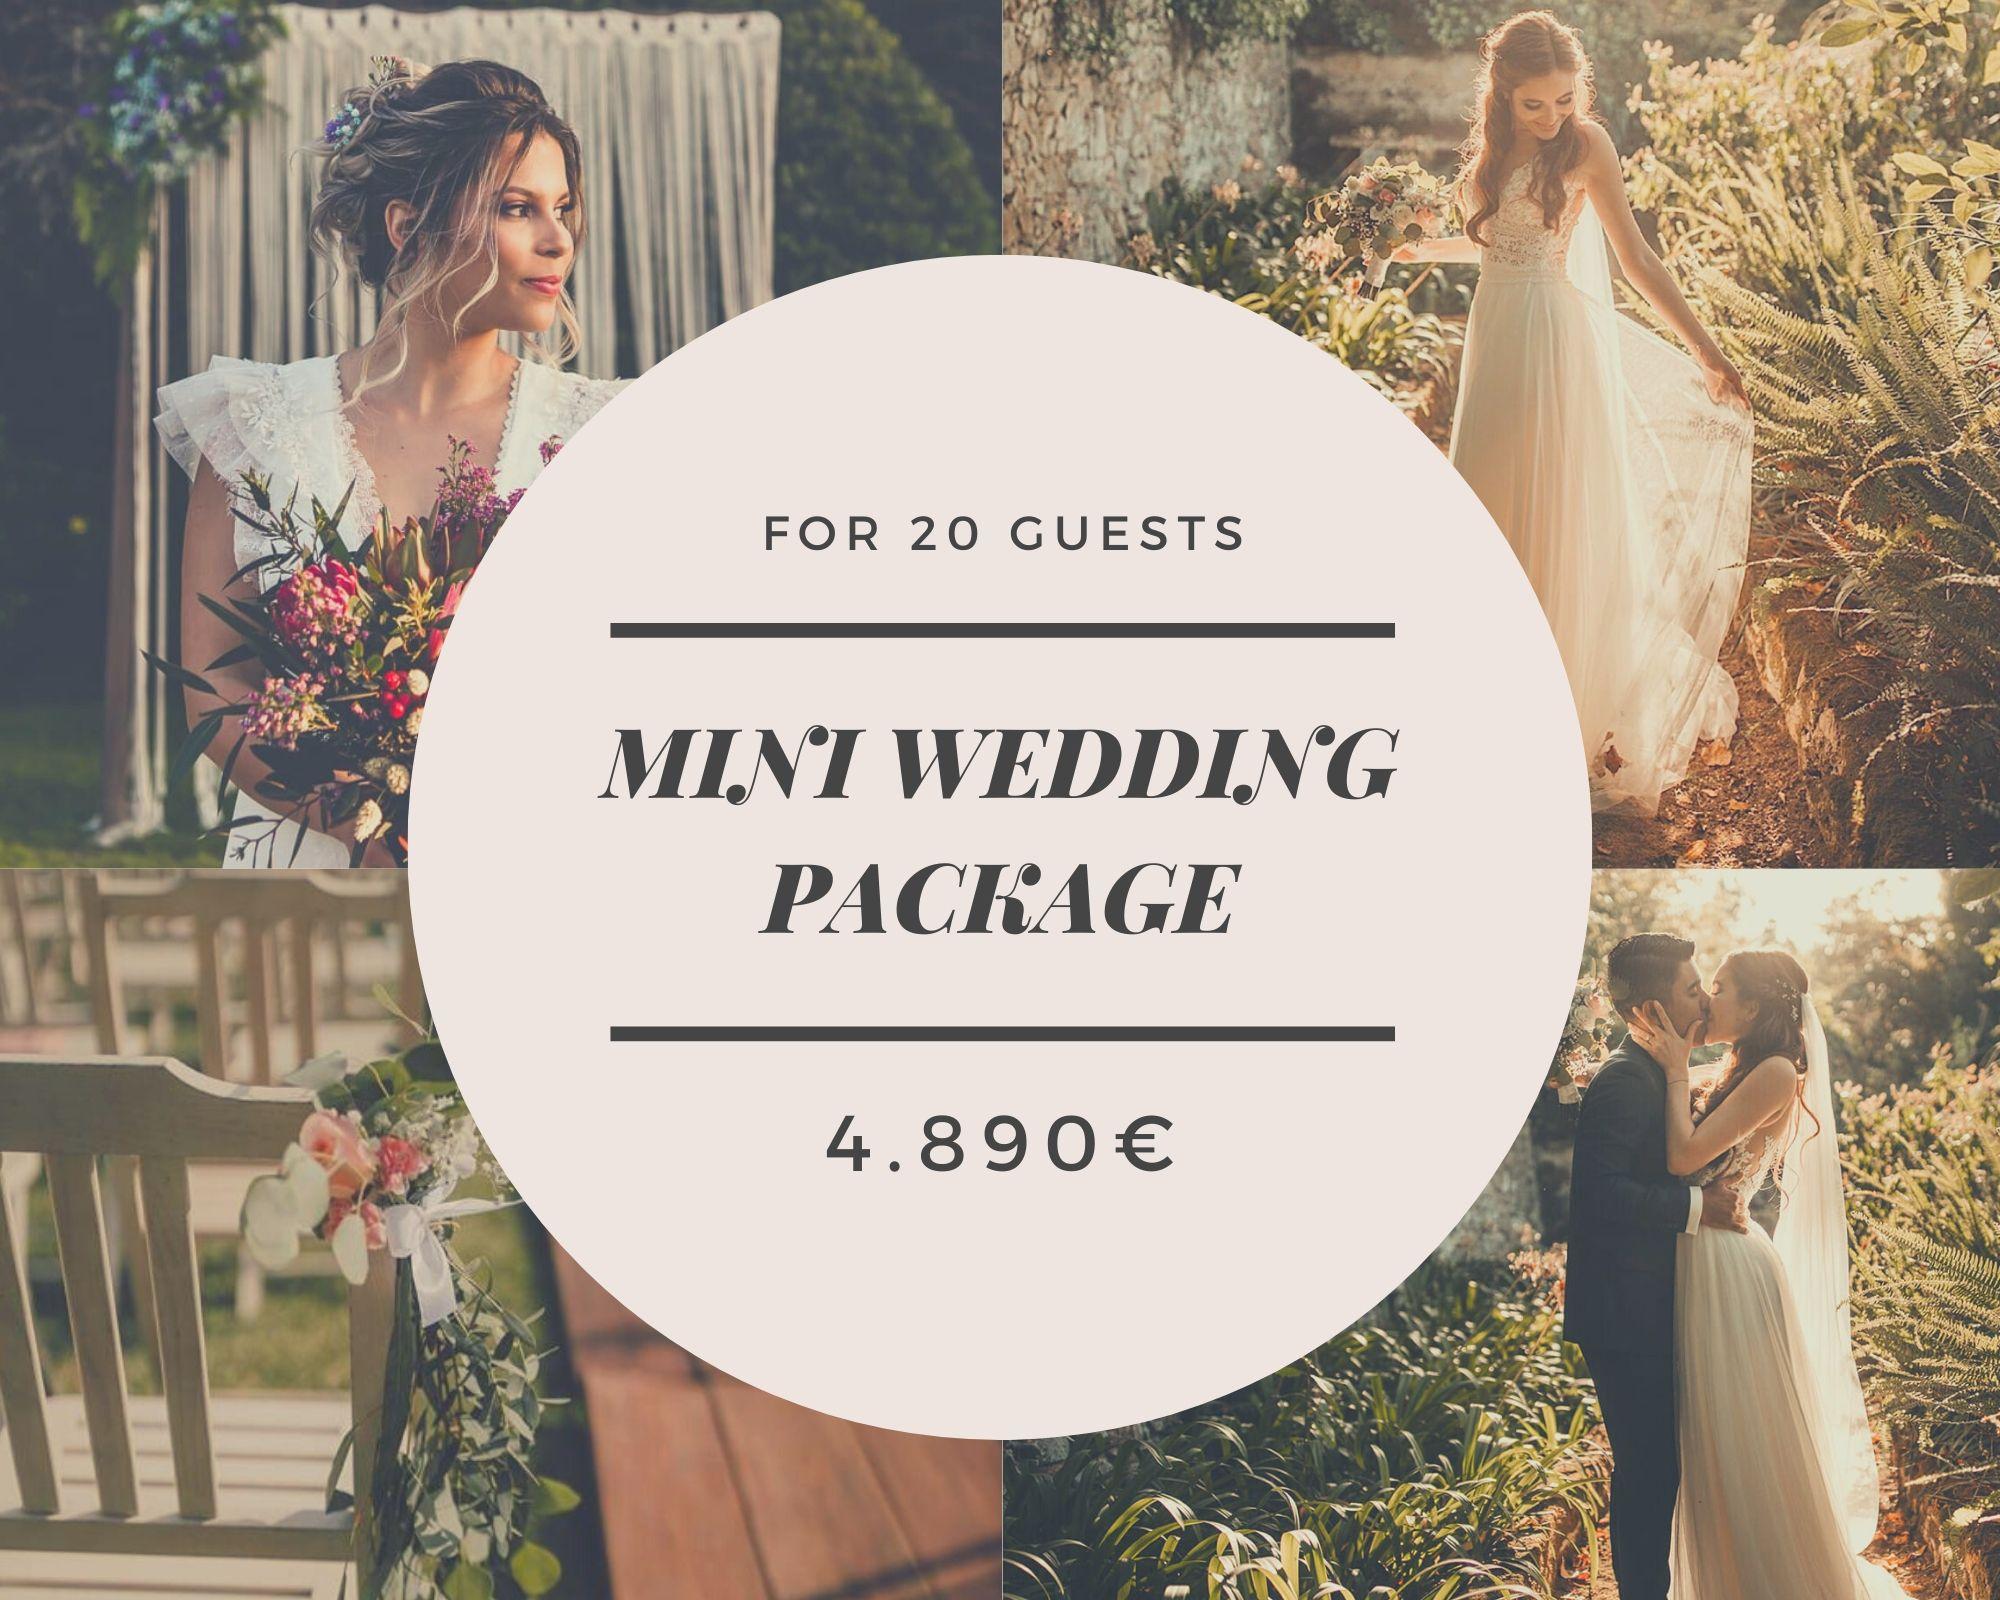 Mini Wedding Package in SintraMini Wedding Package in Sintra